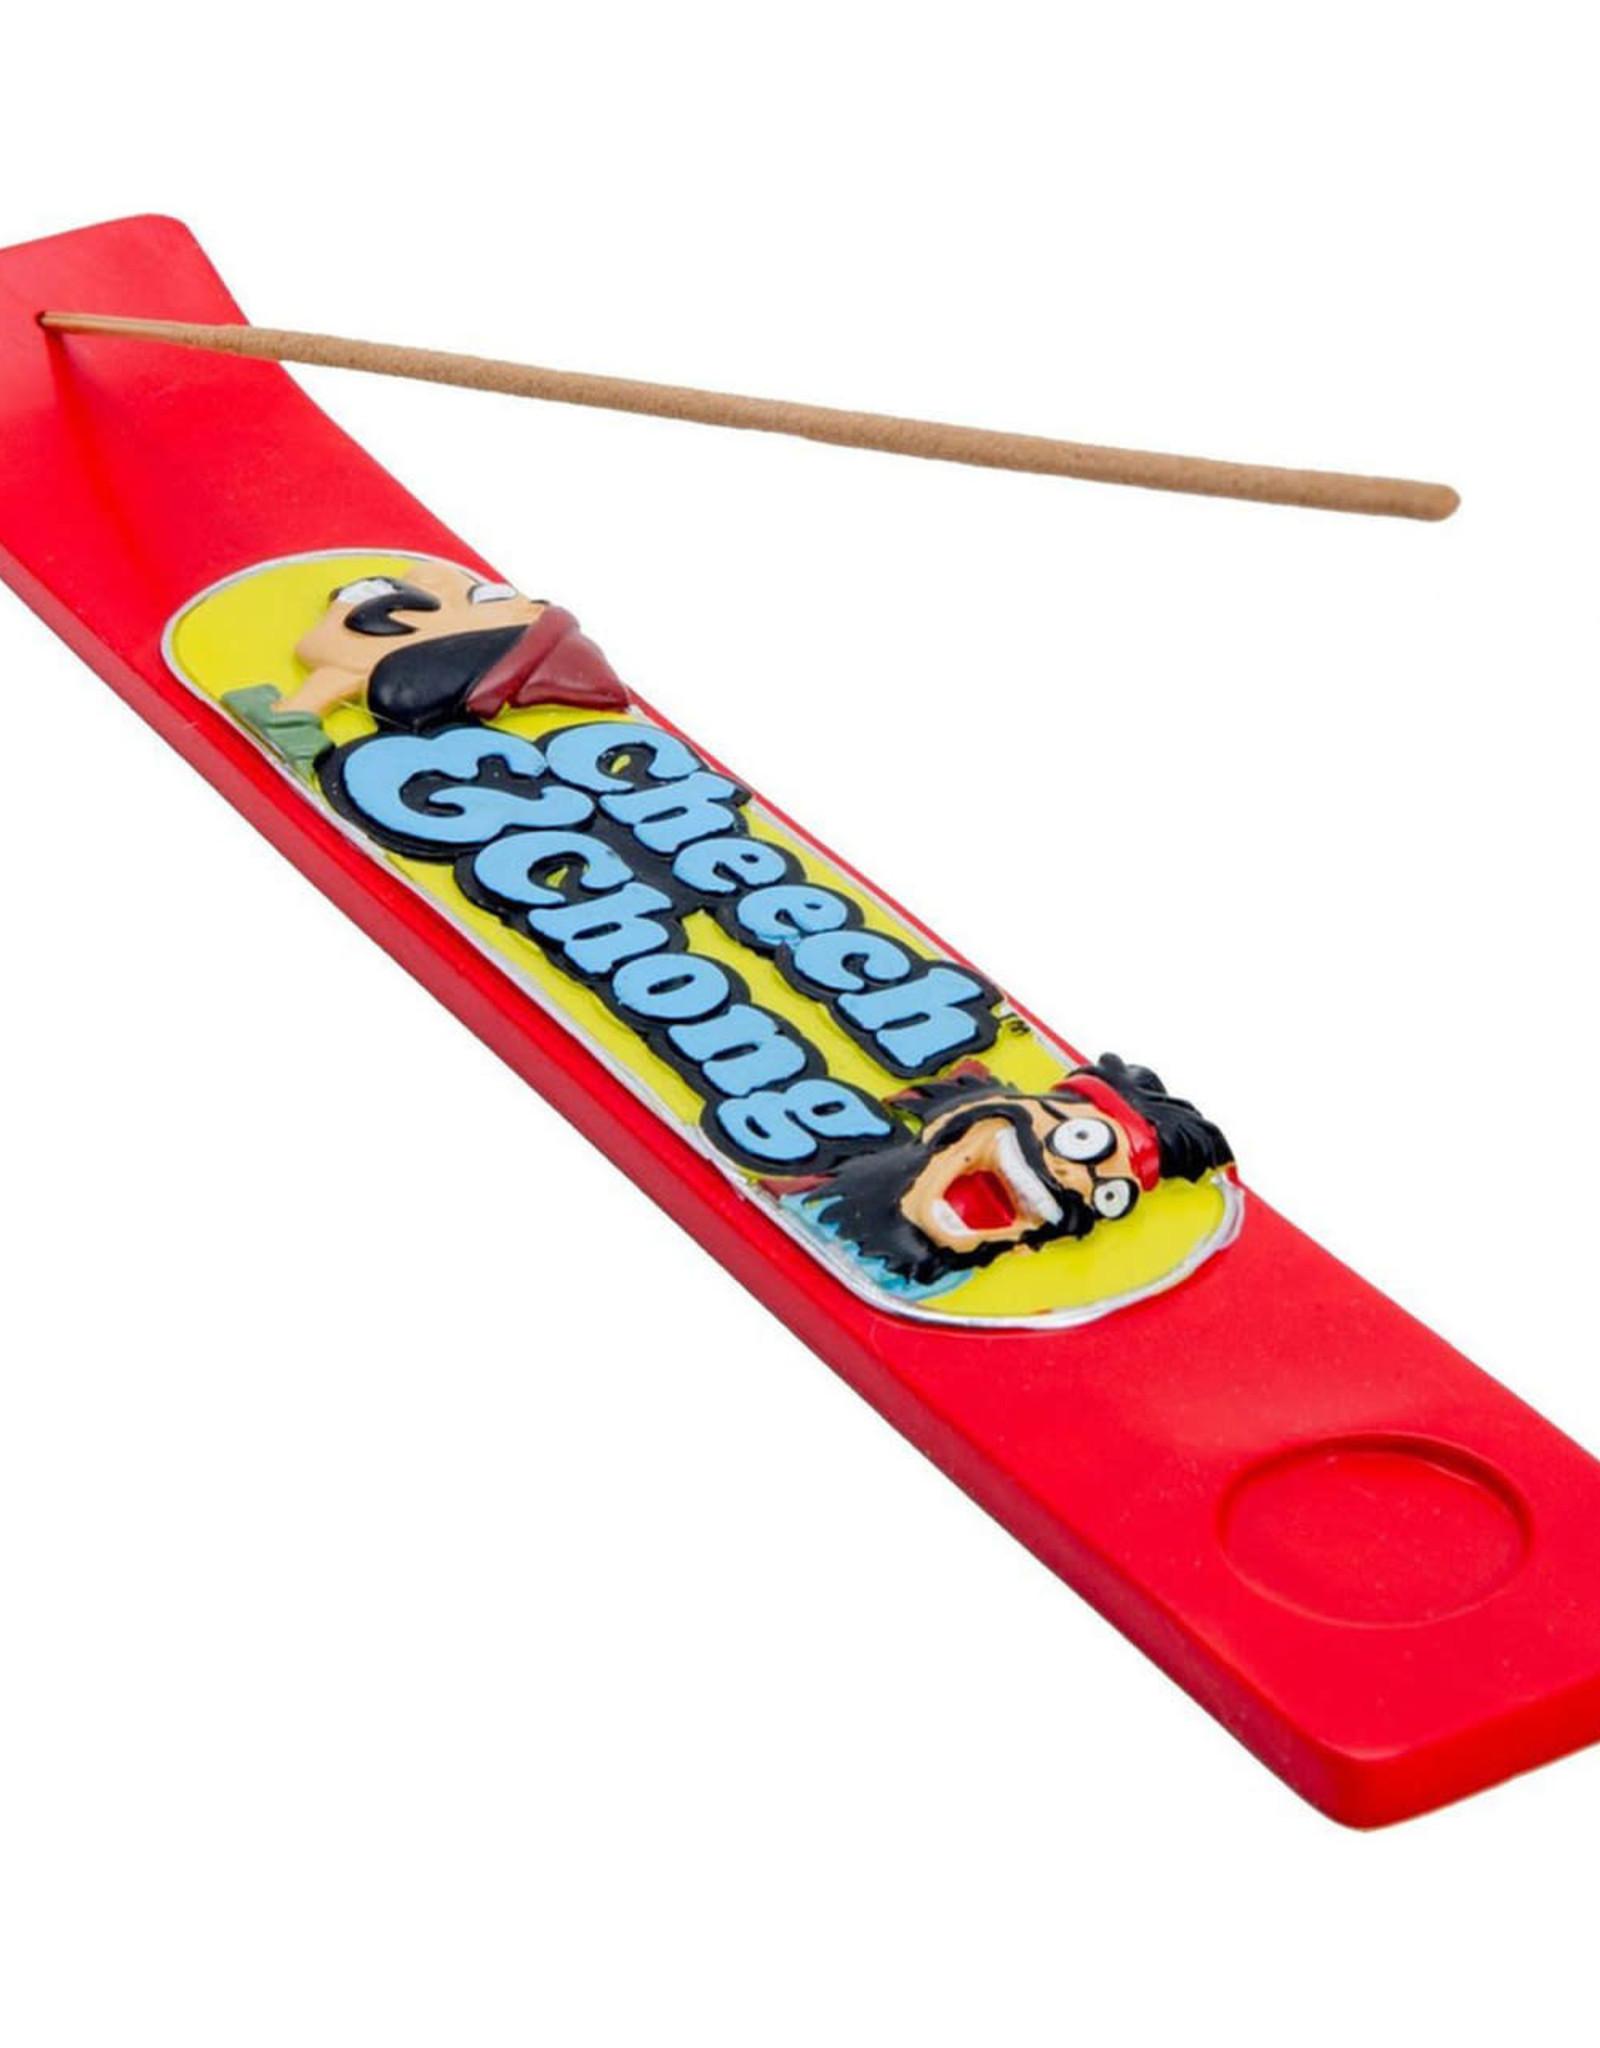 Cheech & Chong Incense Burner - Red